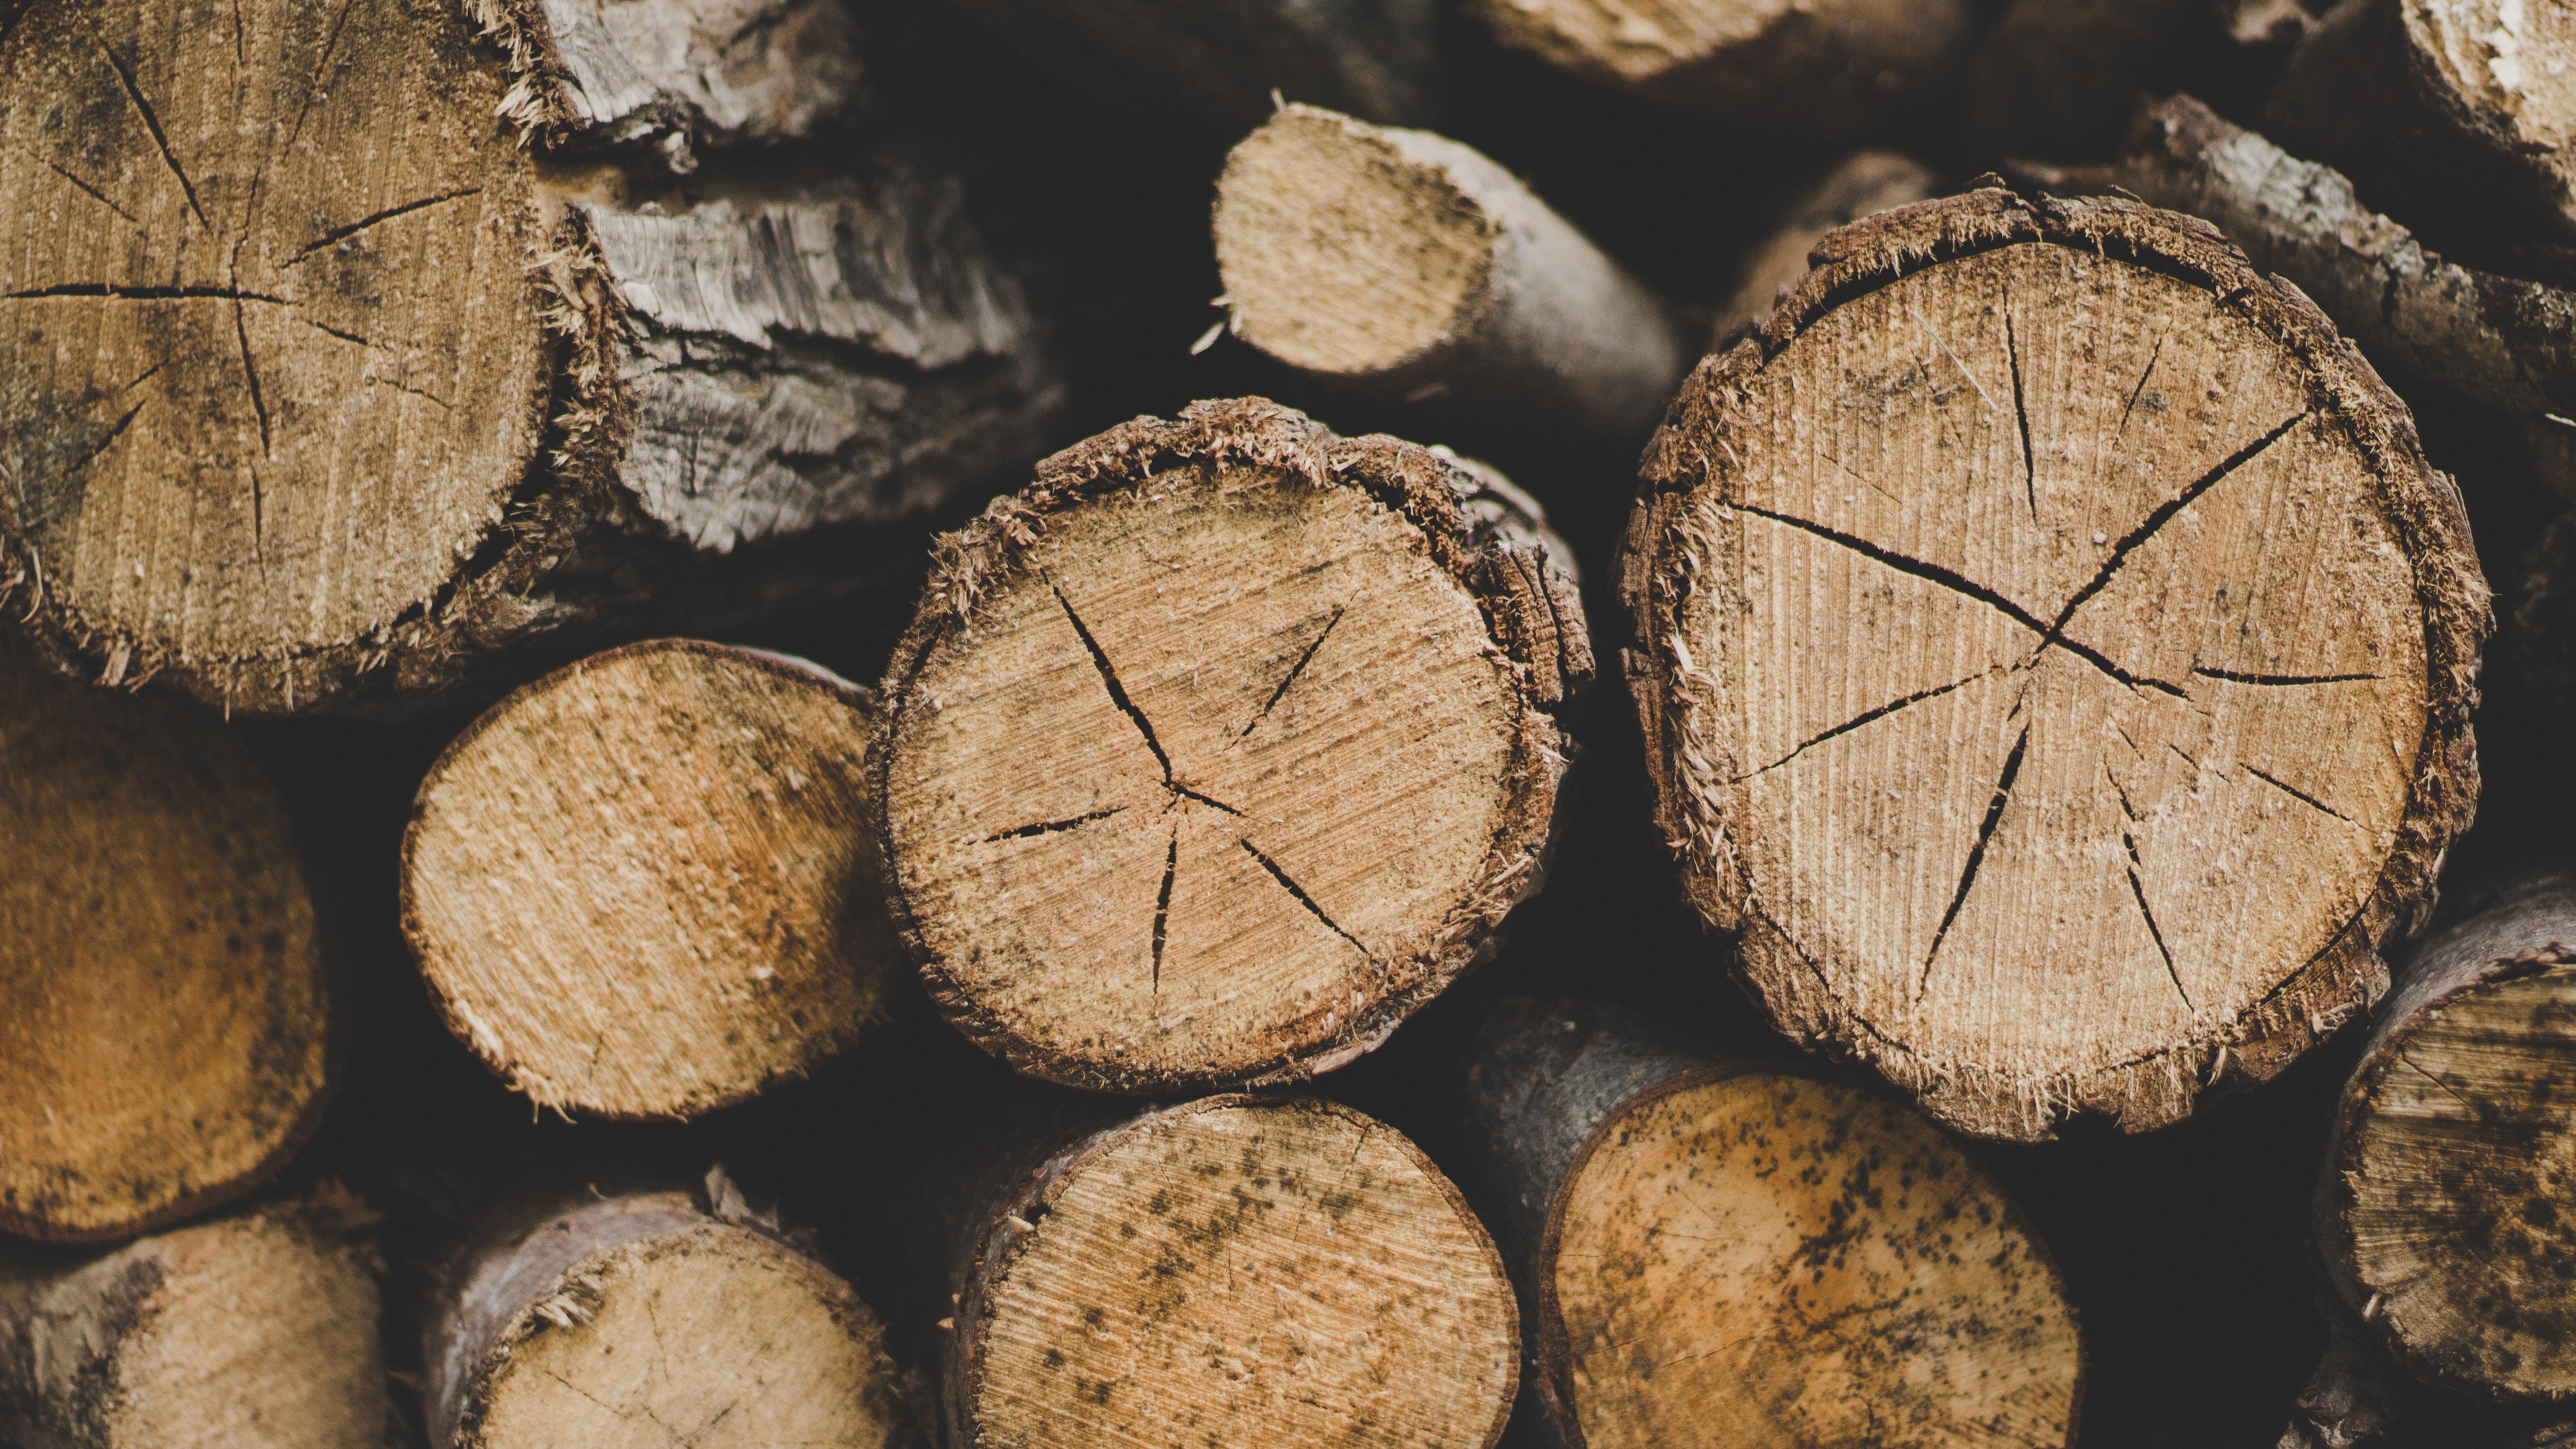 Fondos de pantalla de troncos de madera